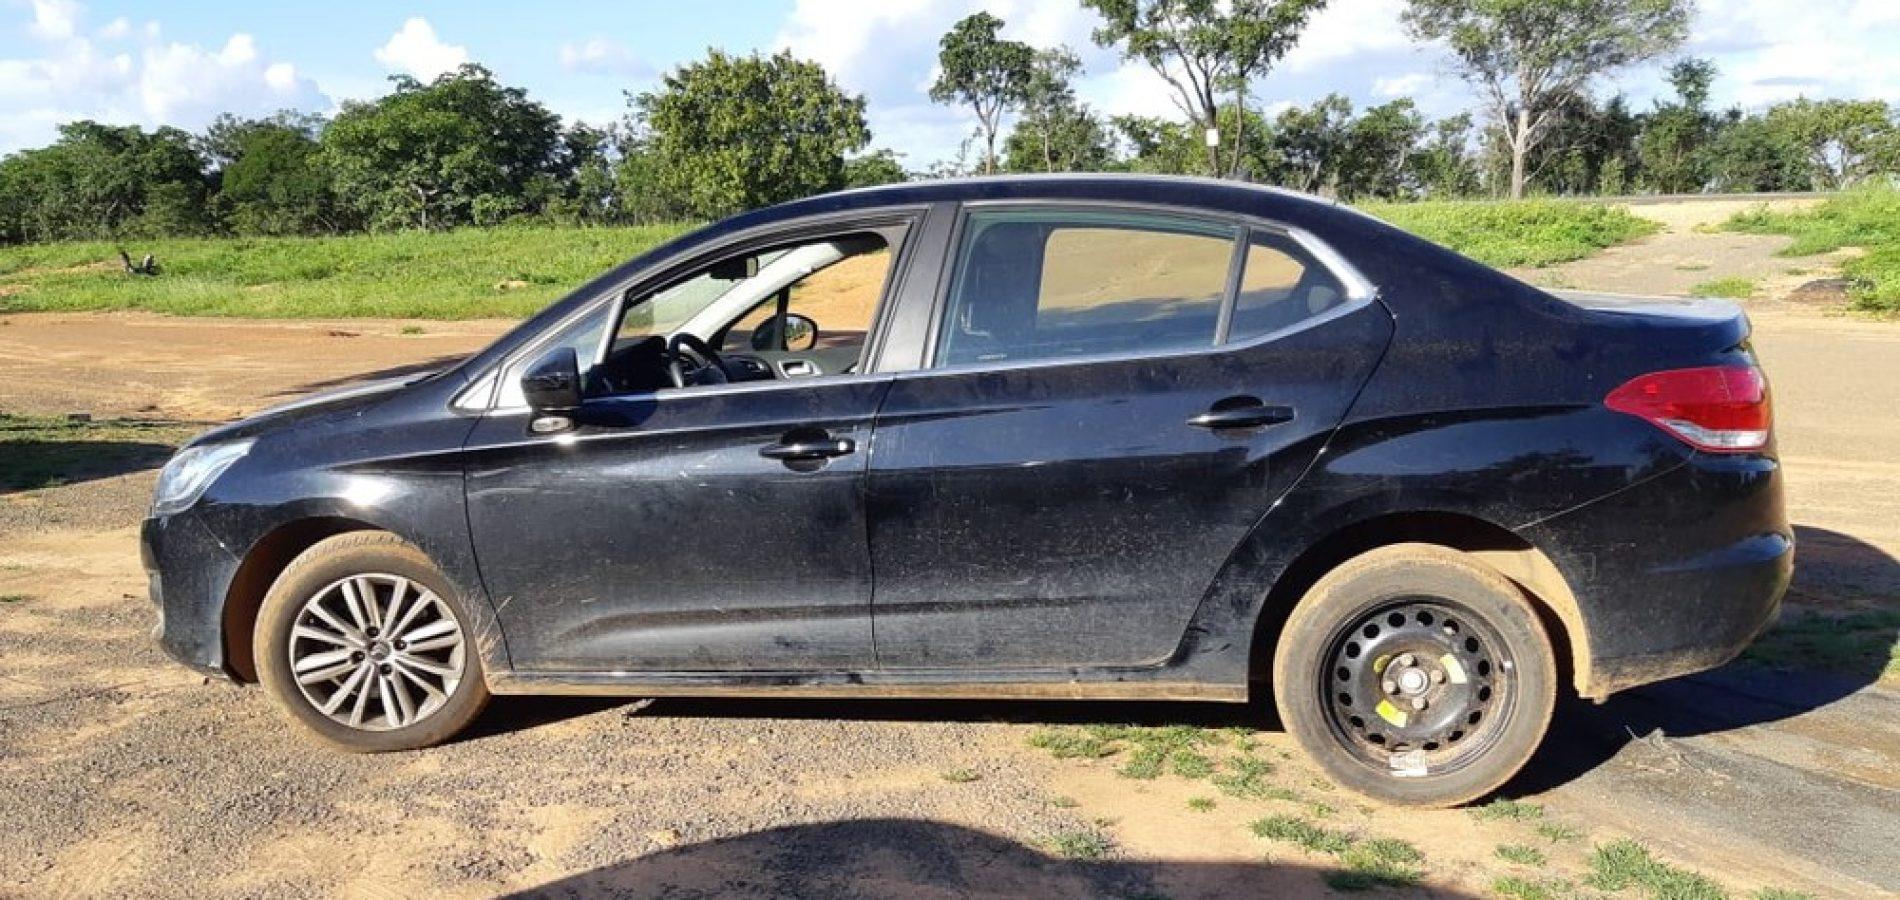 PRF recupera veículo que estava desaparecido desde outubro do ano passado